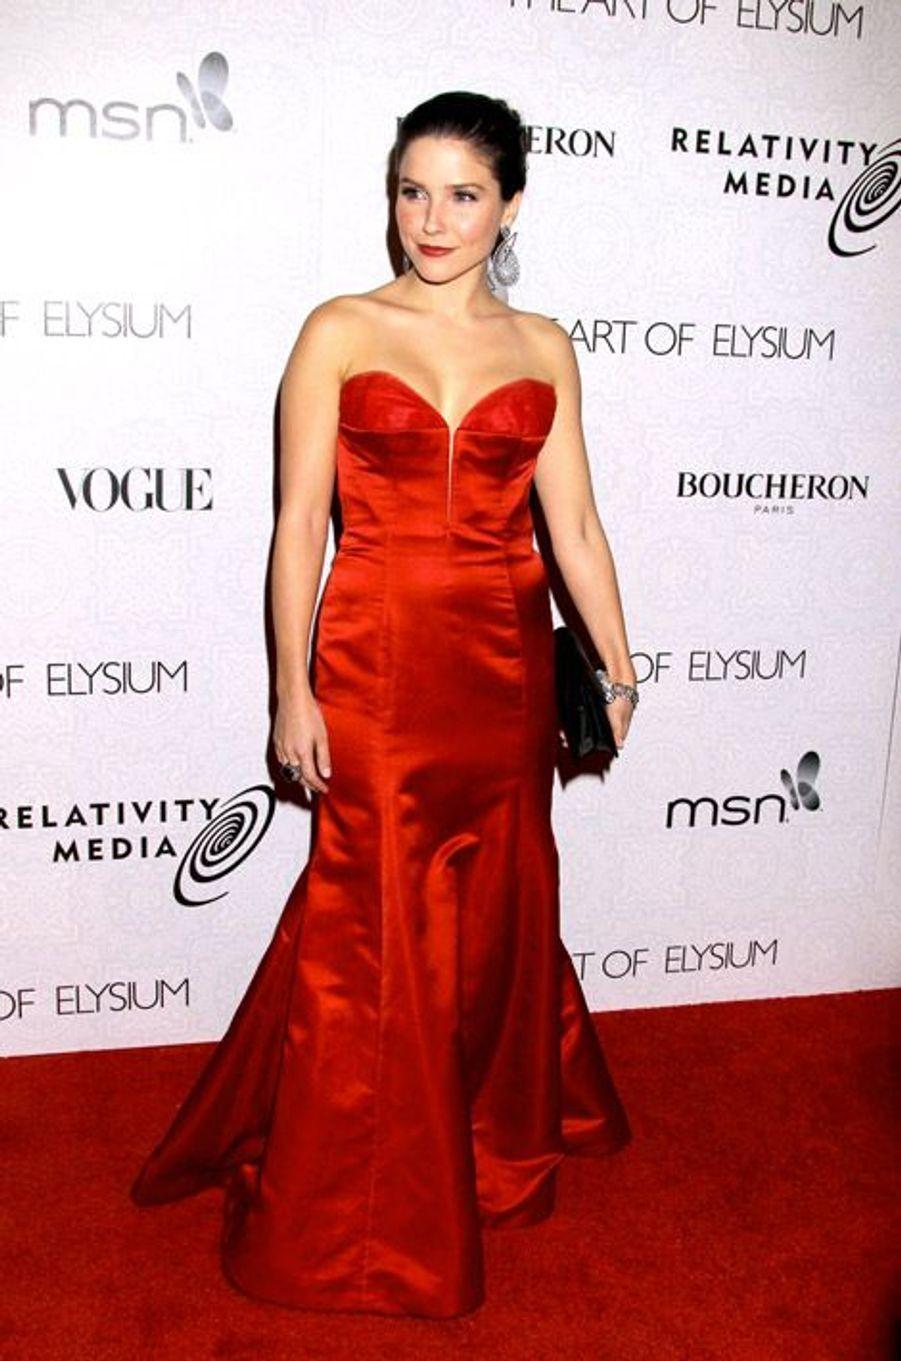 La tentation glamour, en 2010 lors du gala de charité Art of Elysium à Los Angeles